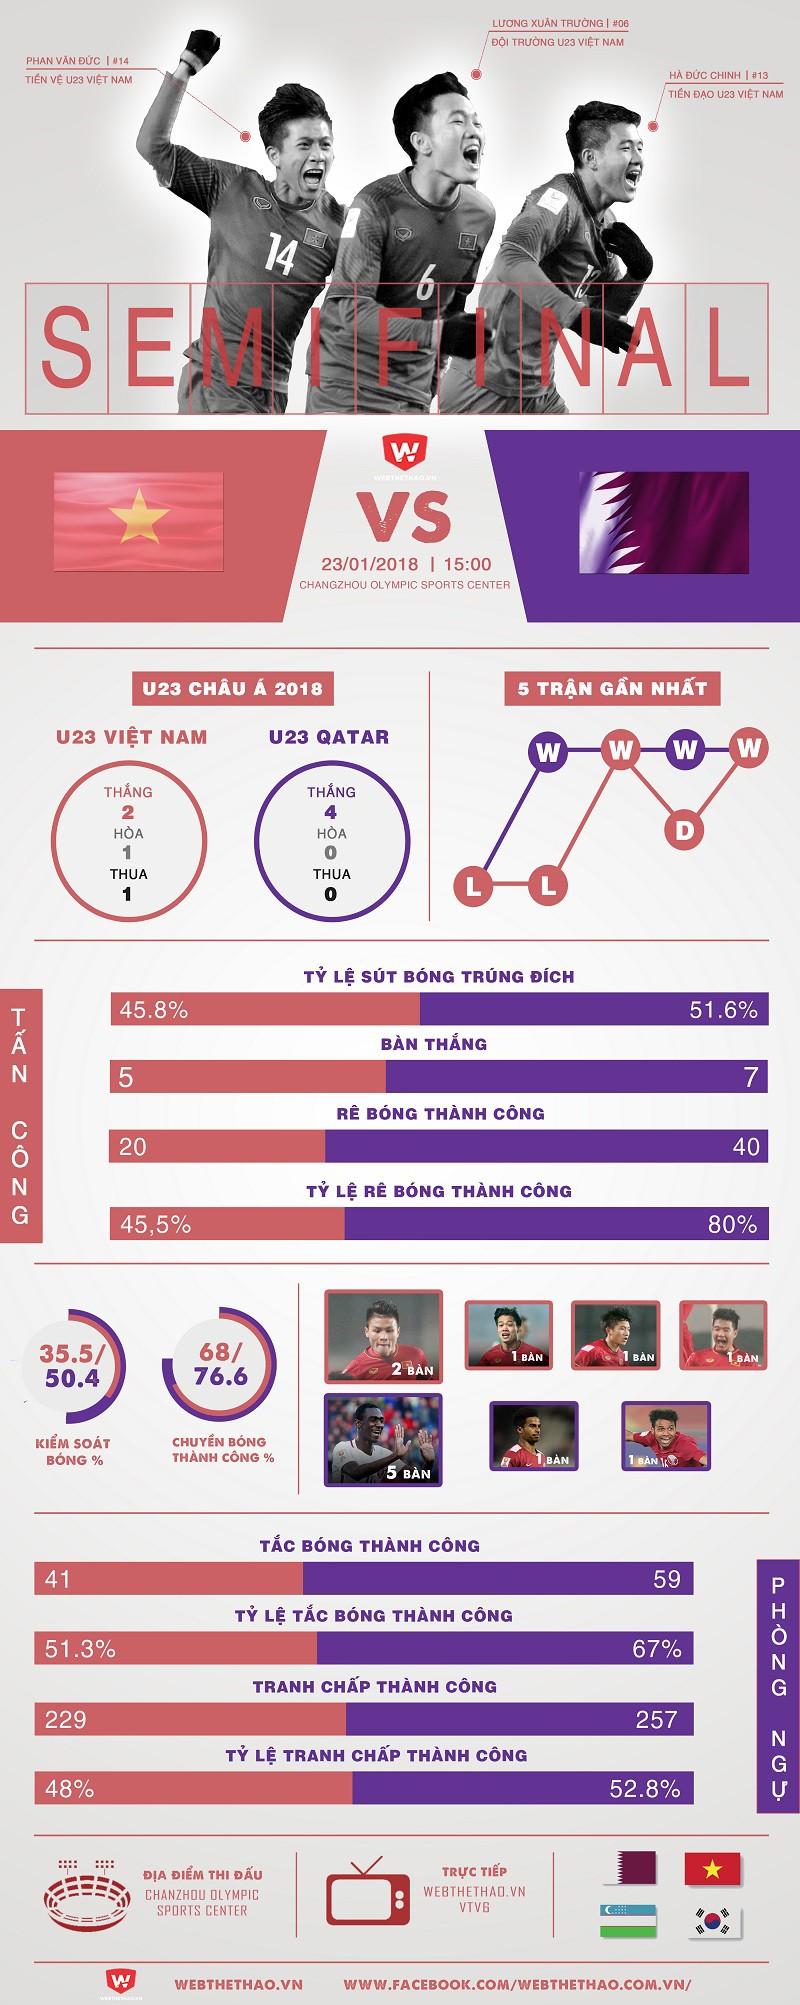 Thống kê giữa U23 Việt Nam và U23 Qatar trước trận bán kết U23 châu Á 2018. Hình ảnh: Trung Thu.